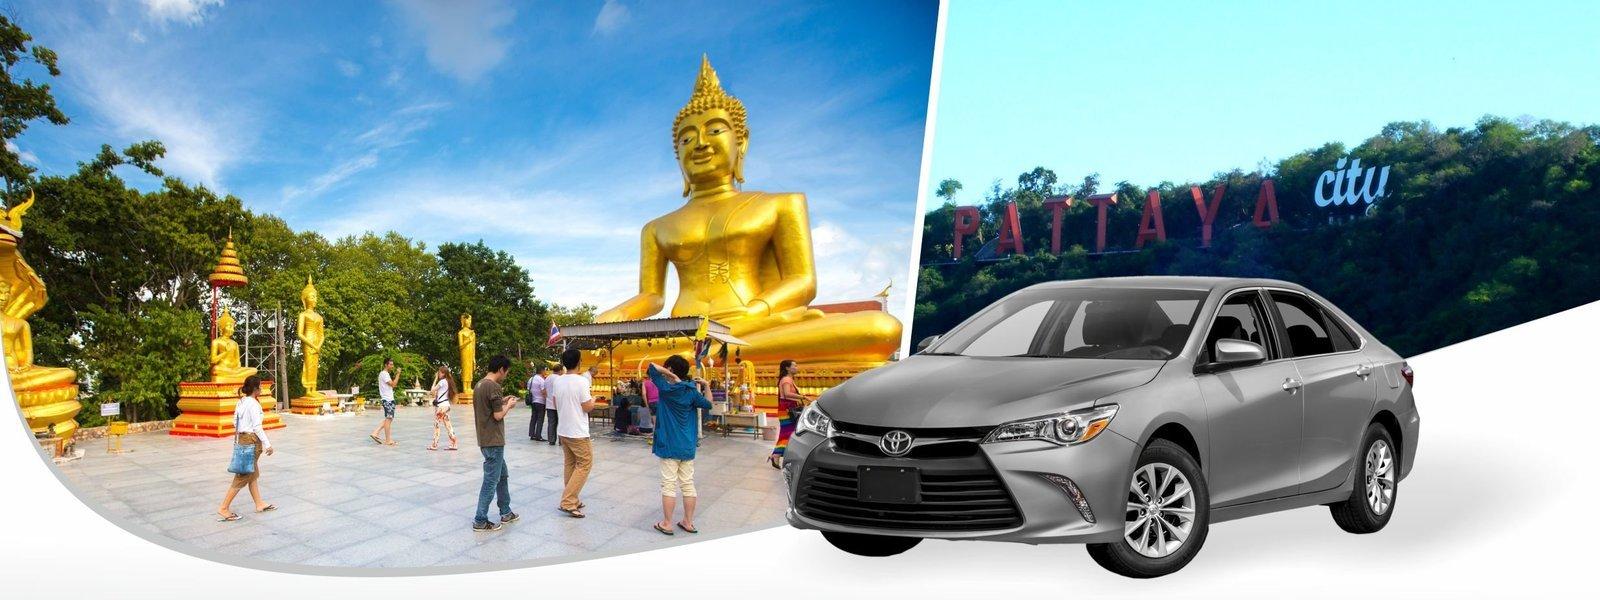 Pattaya Hotel To DMK (Don Mueang Airport Bangkok) (SEDAN) - Tour